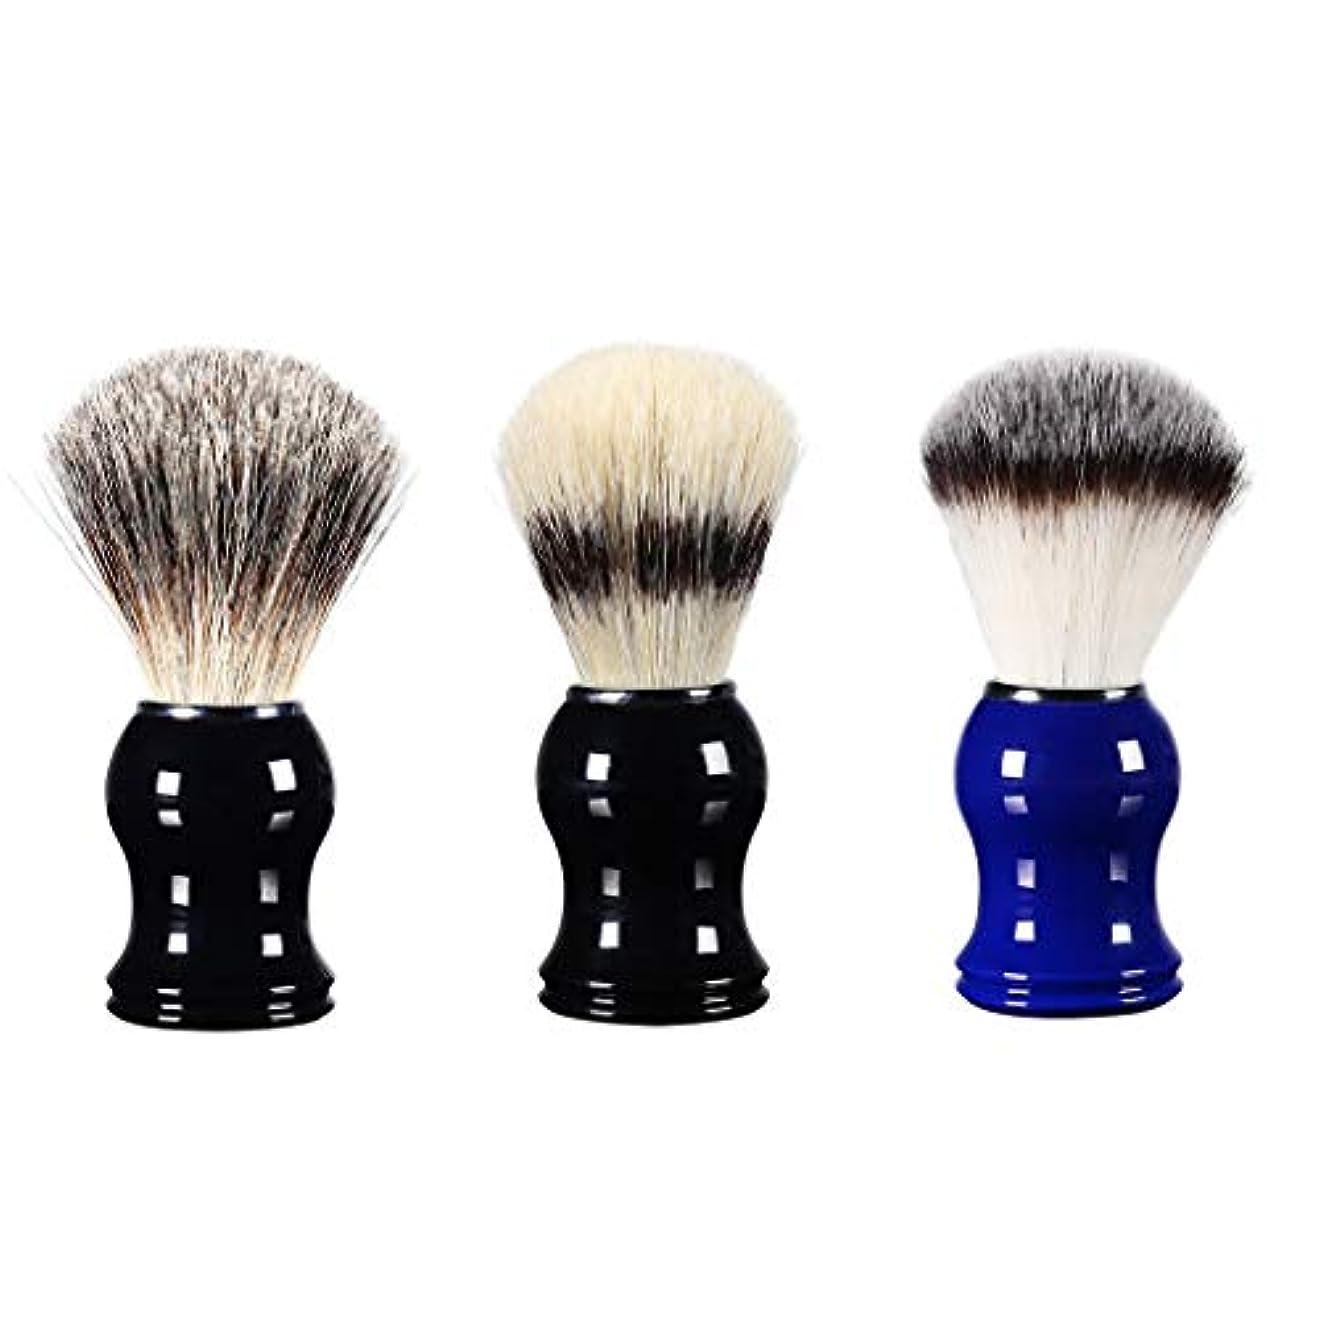 ピンチ塗抹口述シェービング用ブラシ メンズ 理容 洗顔 髭剃り 泡立ち 3個入